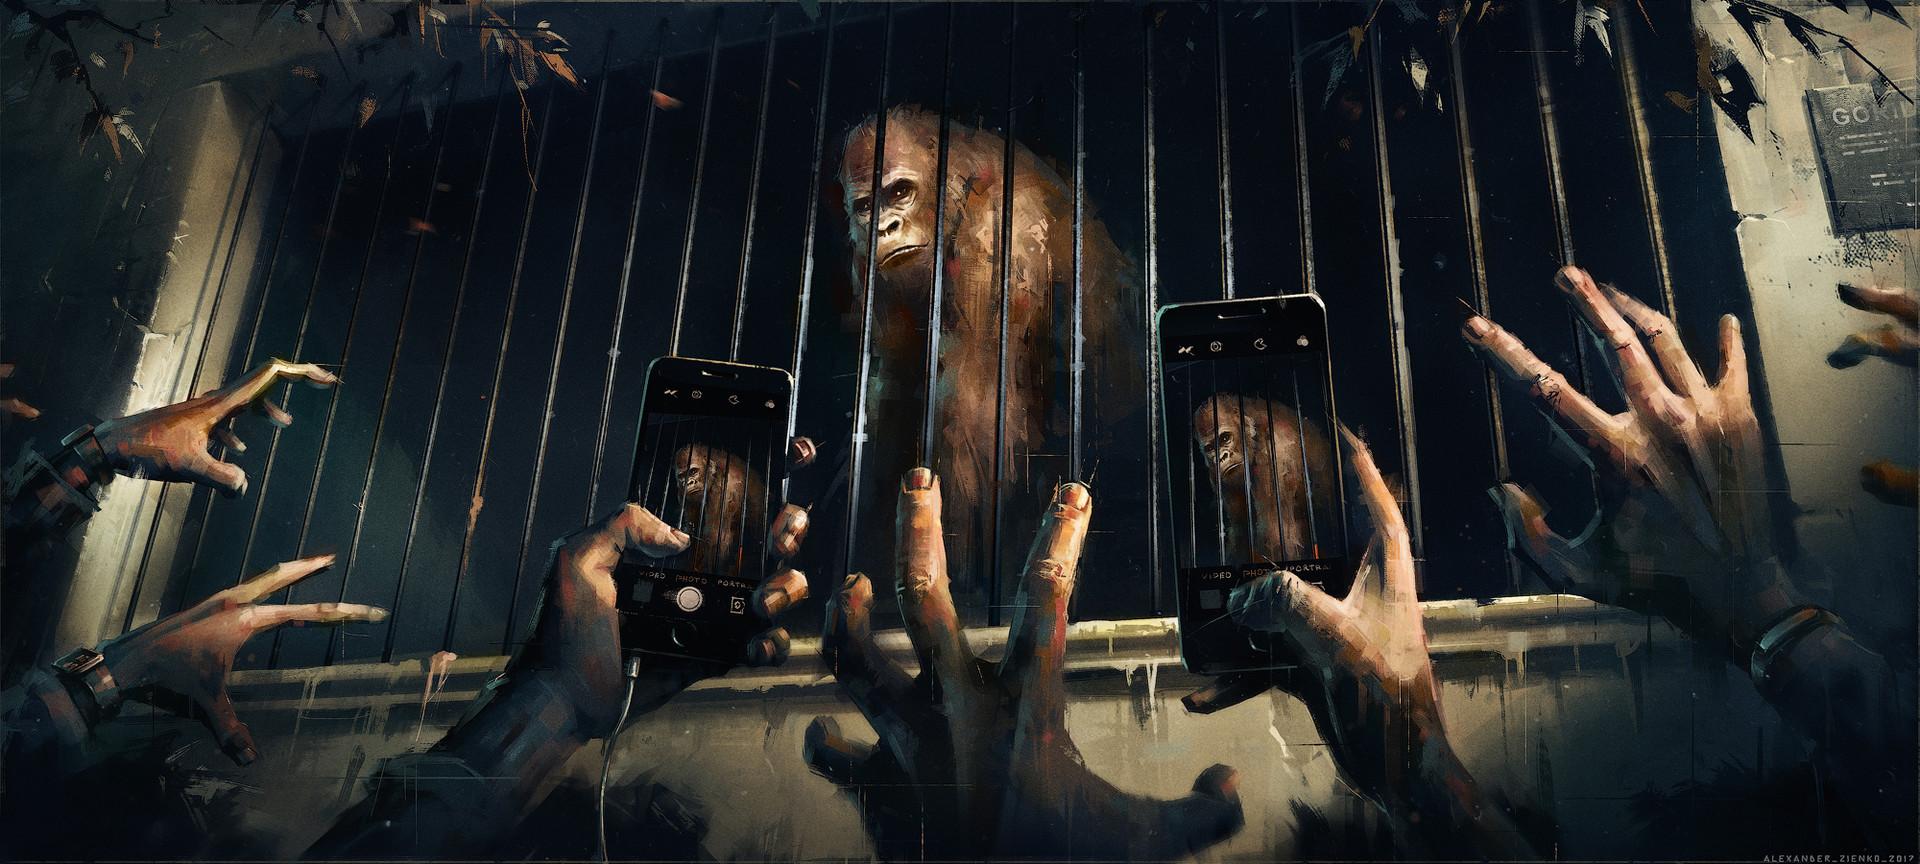 Masaüstü Alexander Zienko Goriller Eller Akıllı Telefon